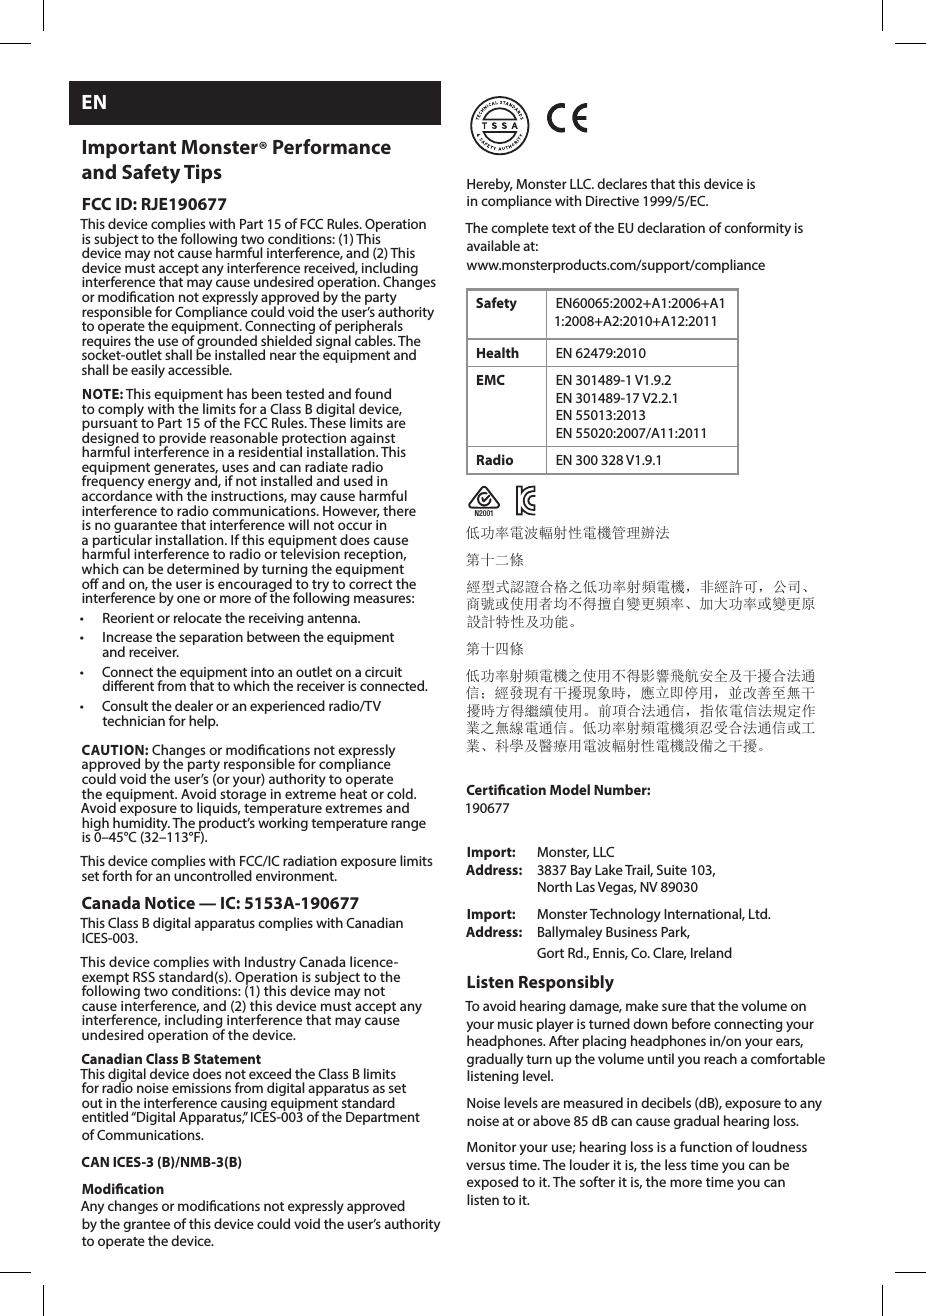 foxeer monster v2 manual pdf